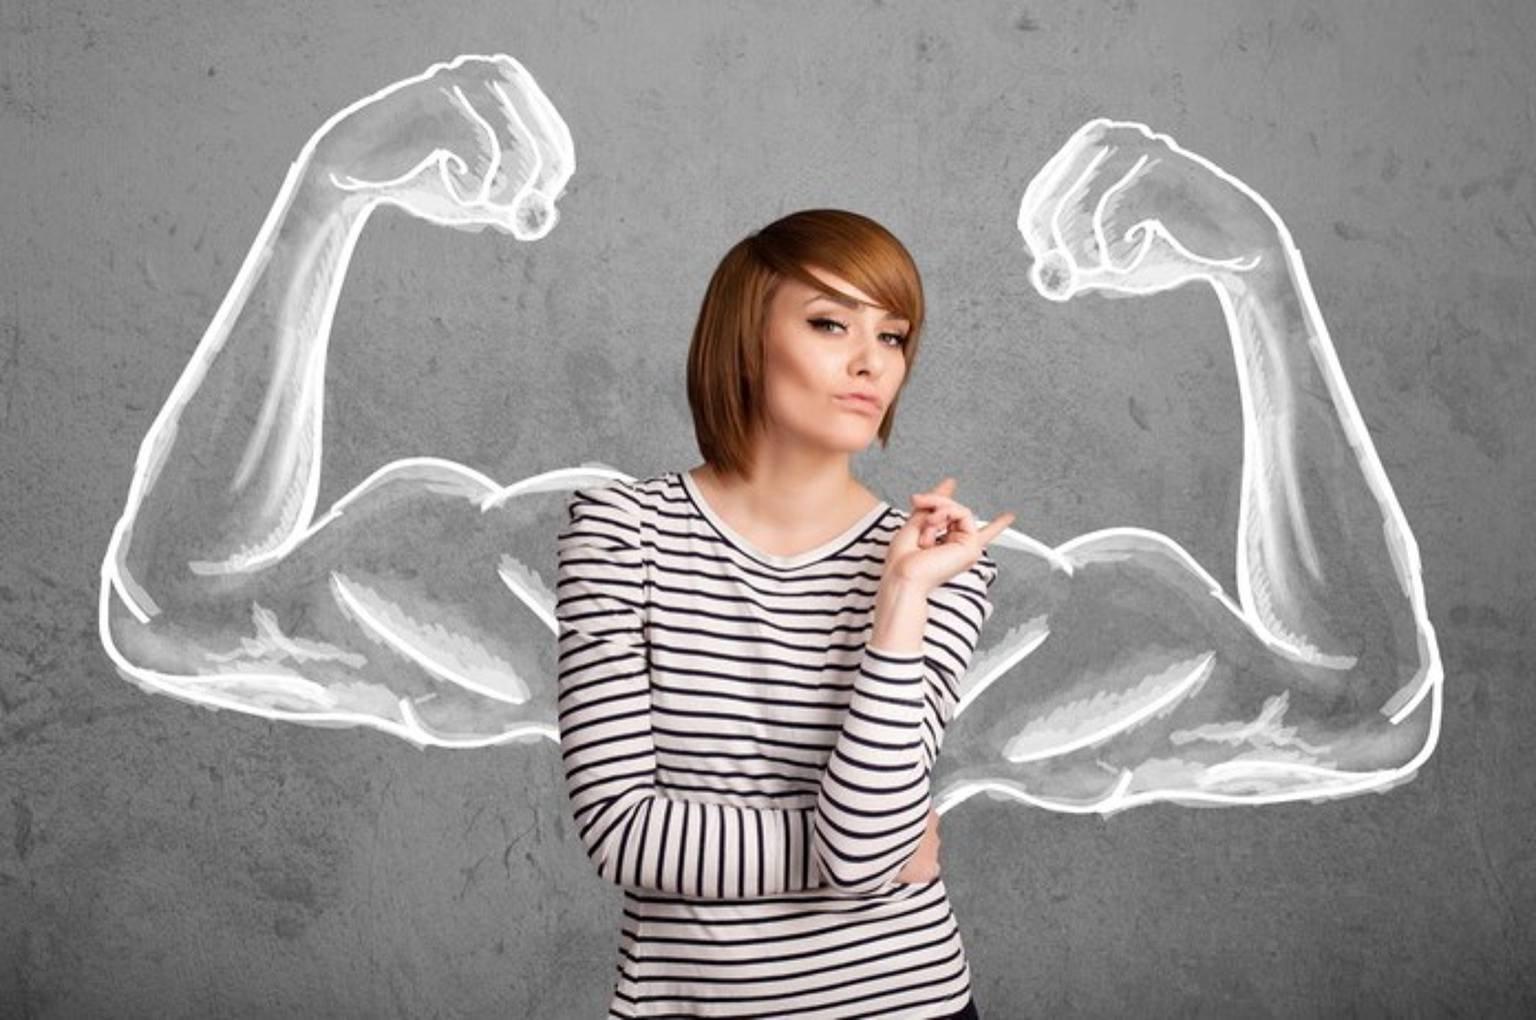 Как из себя сделать сильную личность